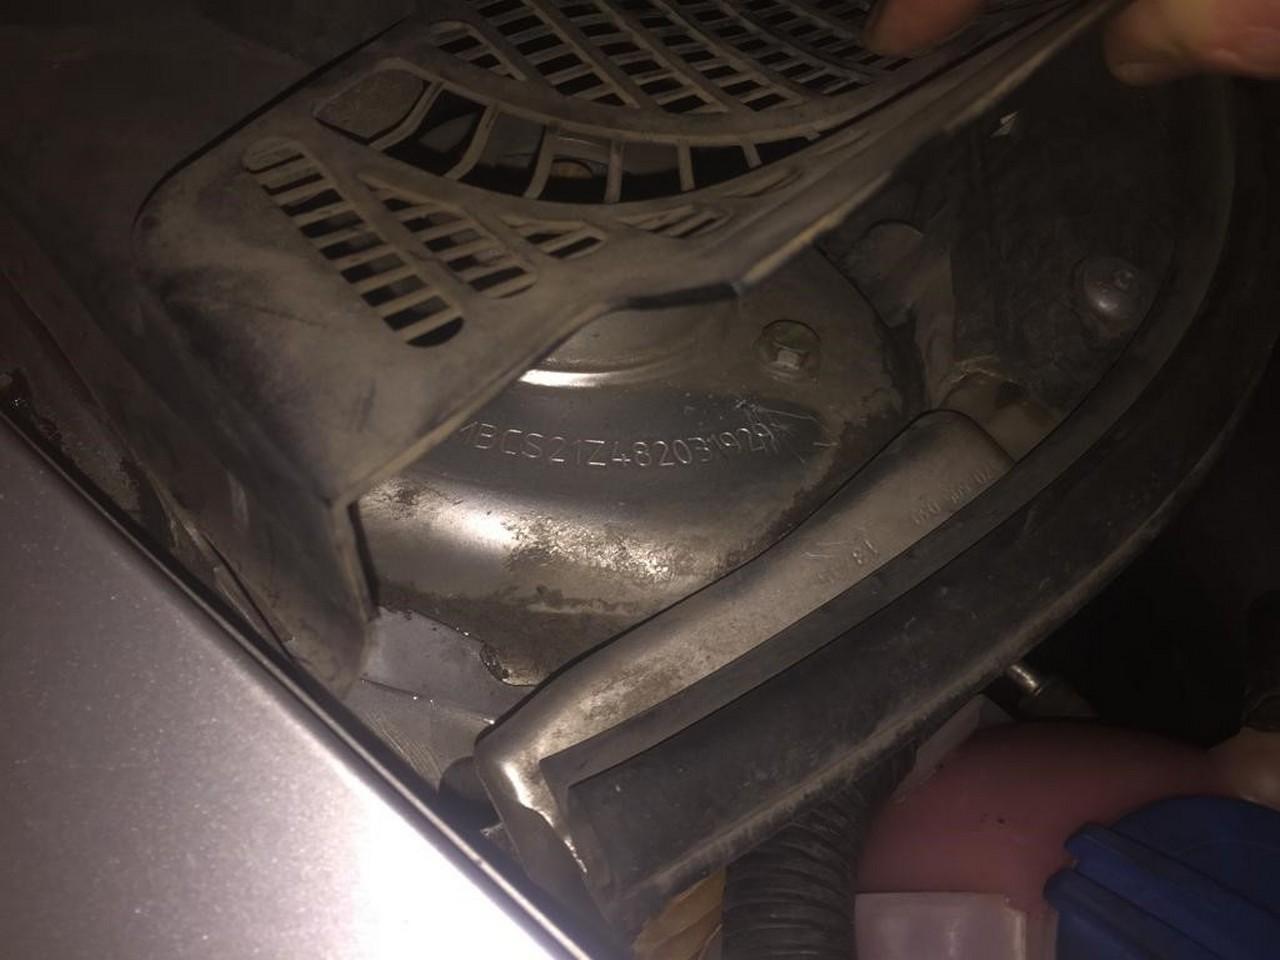 На Закарпатті прикордонники затримали легковик із перебитим номером кузова